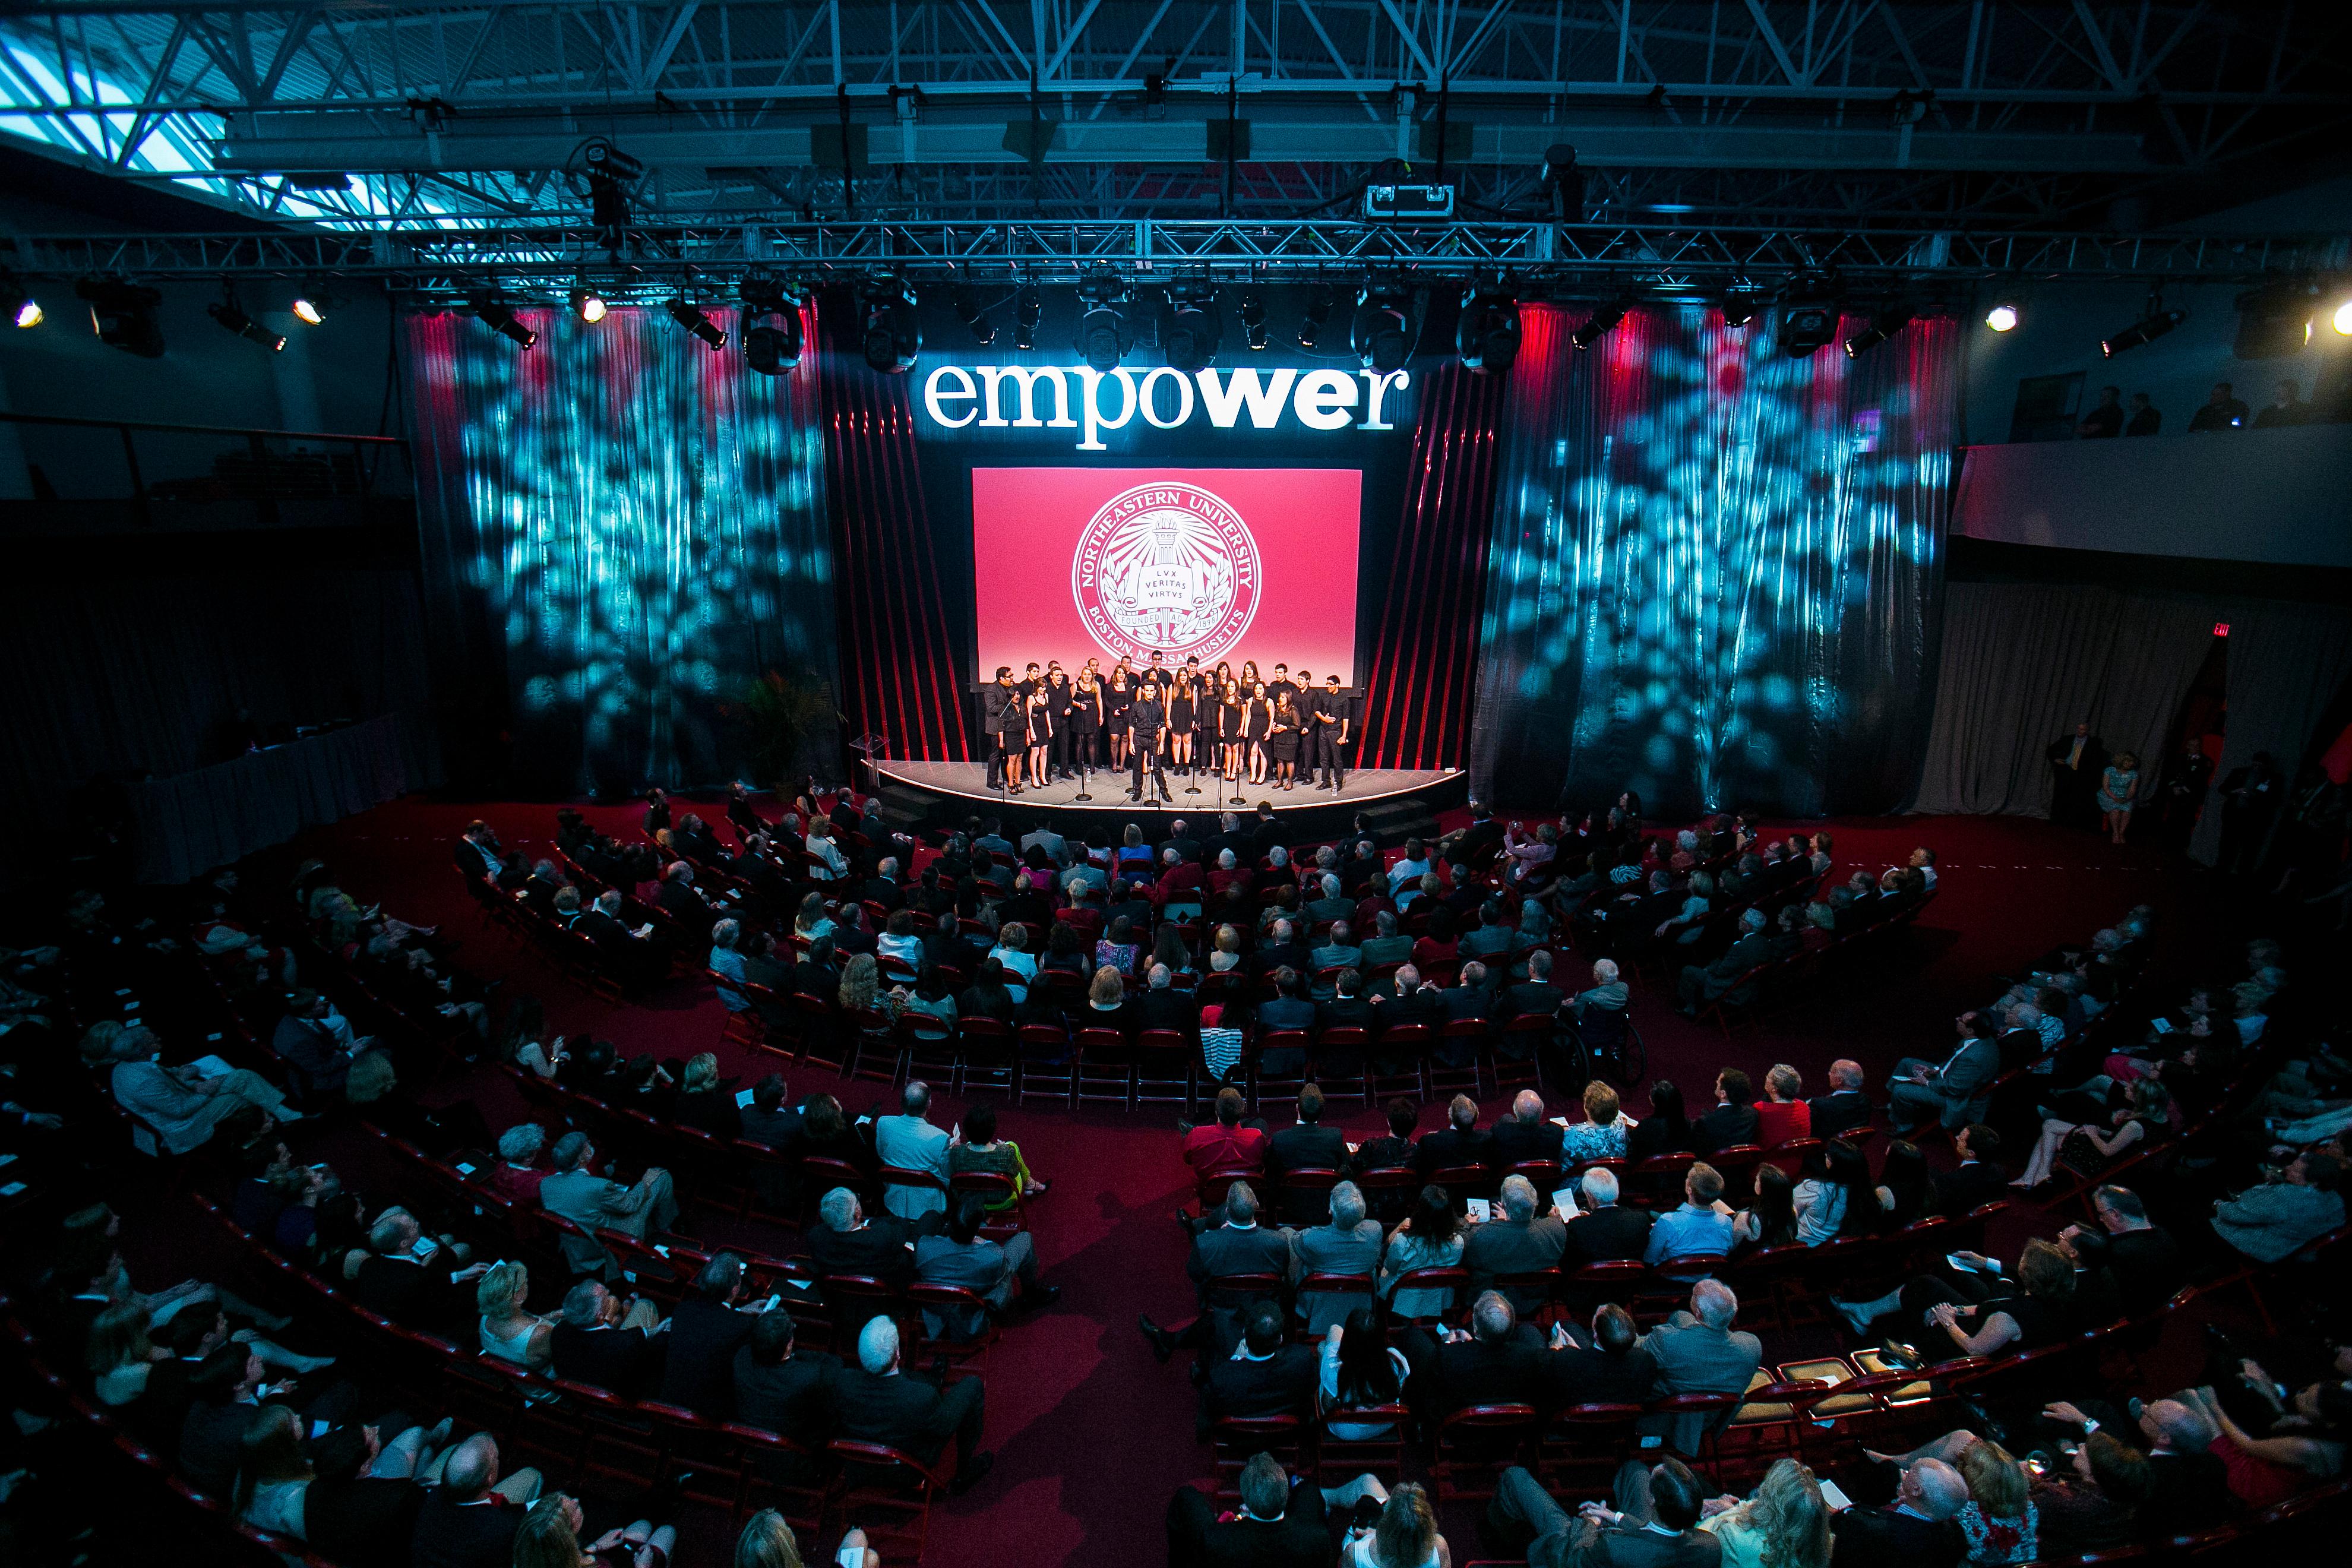 empower-stage